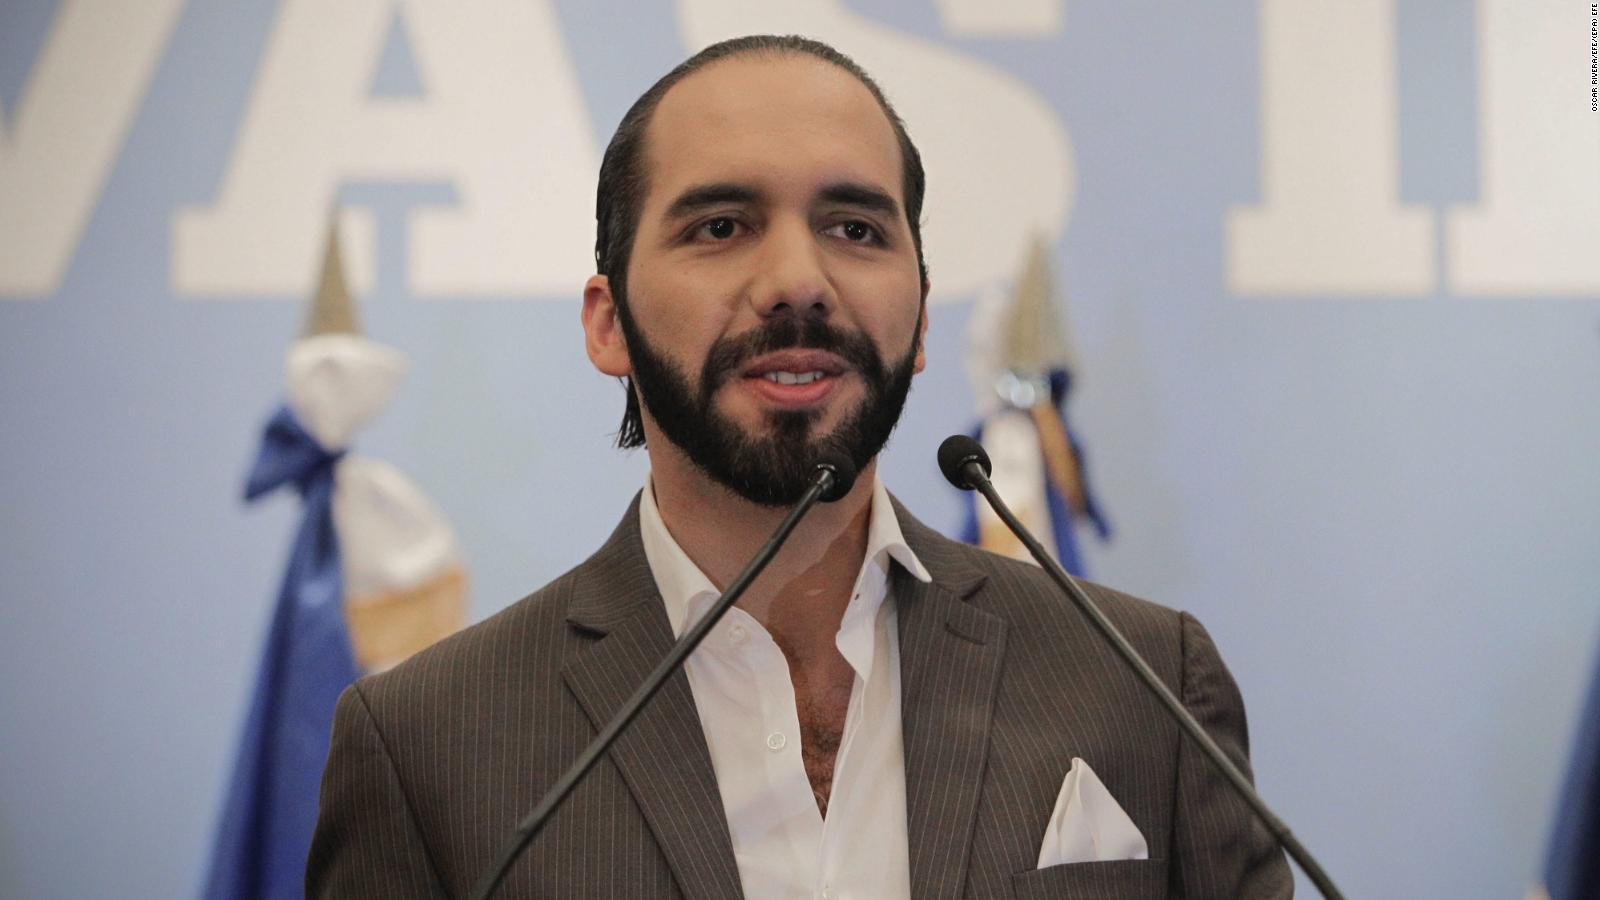 Congreso de El Salvador respalda decisión de Bukele de desconocer a Maduro